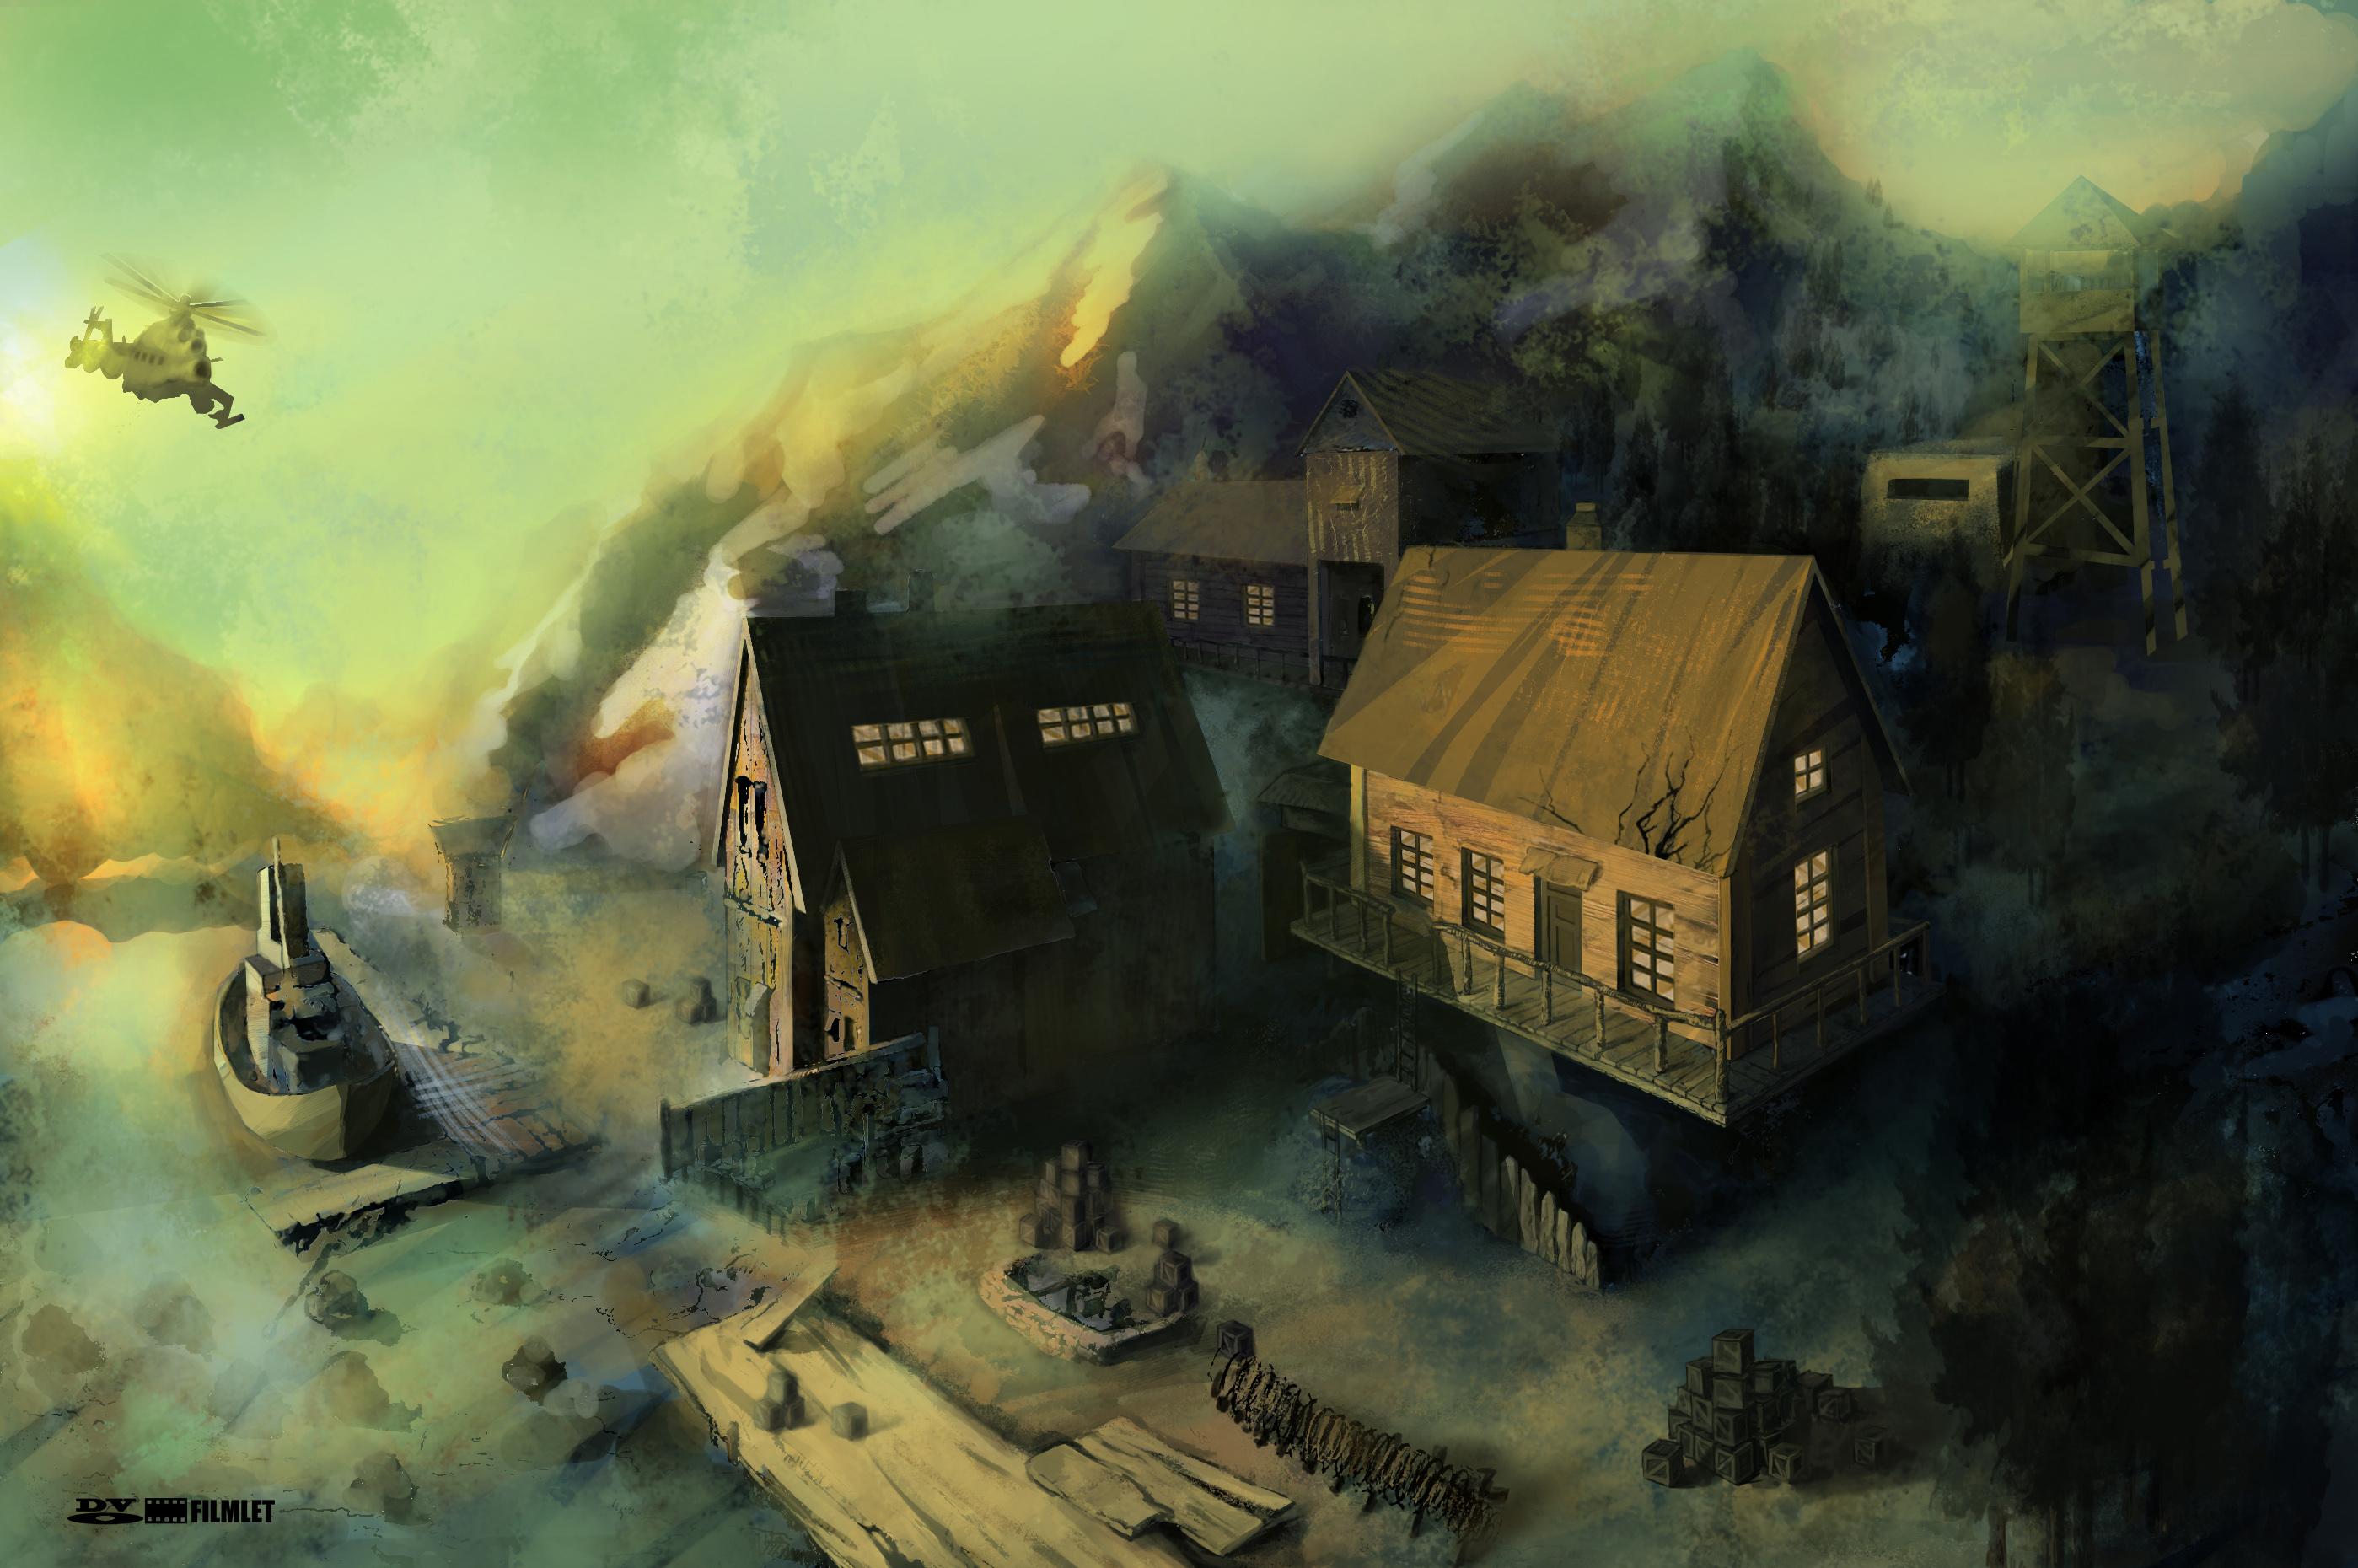 动画小镇场景设计